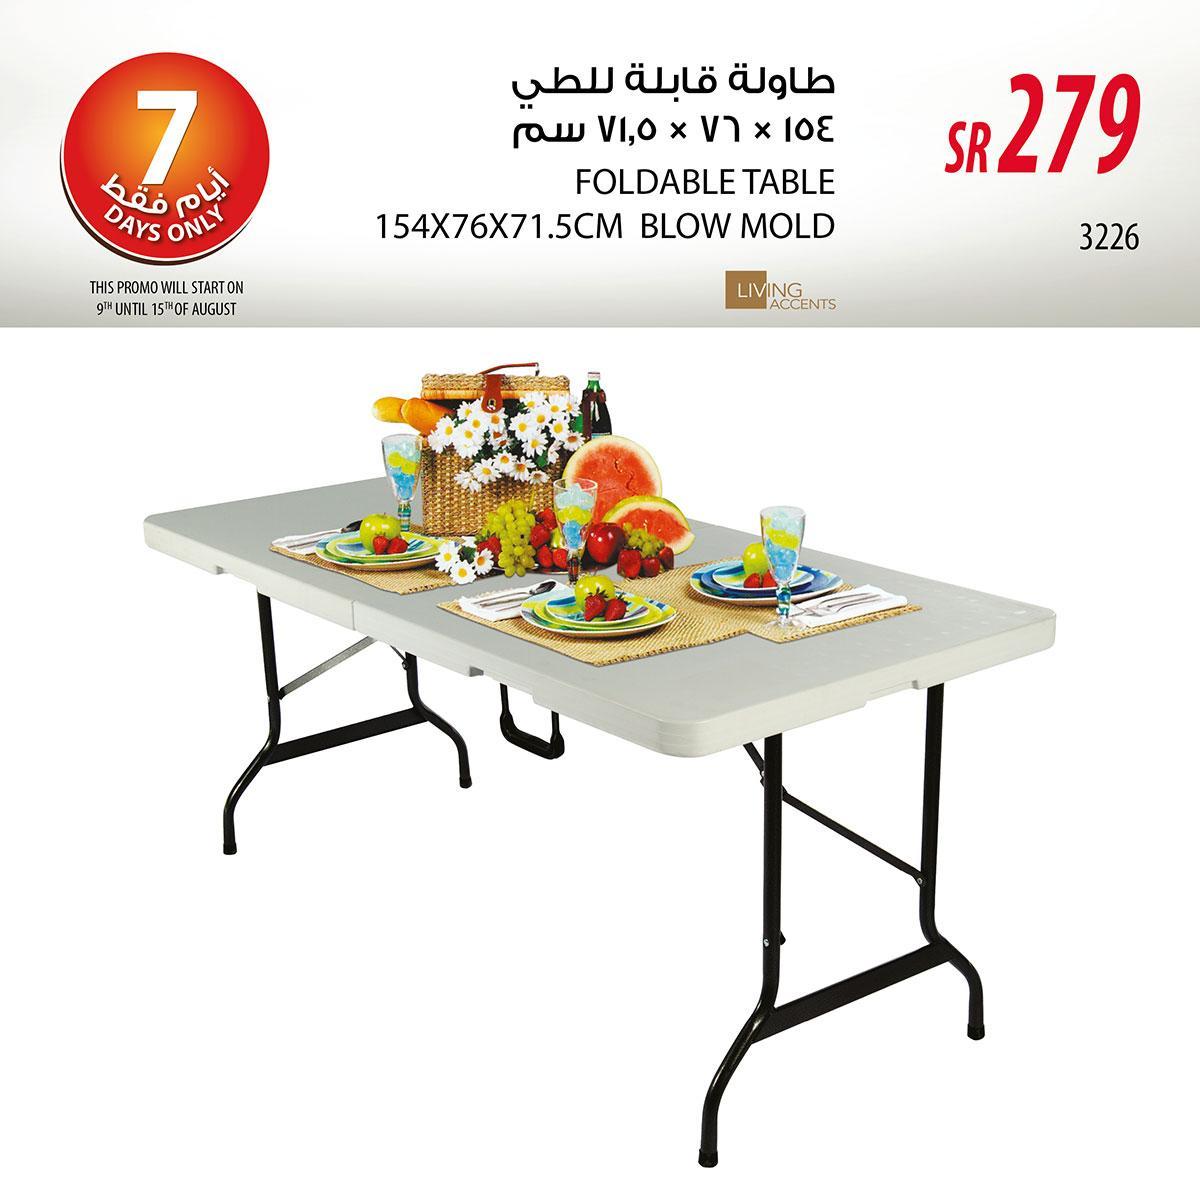 صورة طاولة بوفيه من ساكو , للبوفيه ترابيزات وطاولة رائعة من ساكو